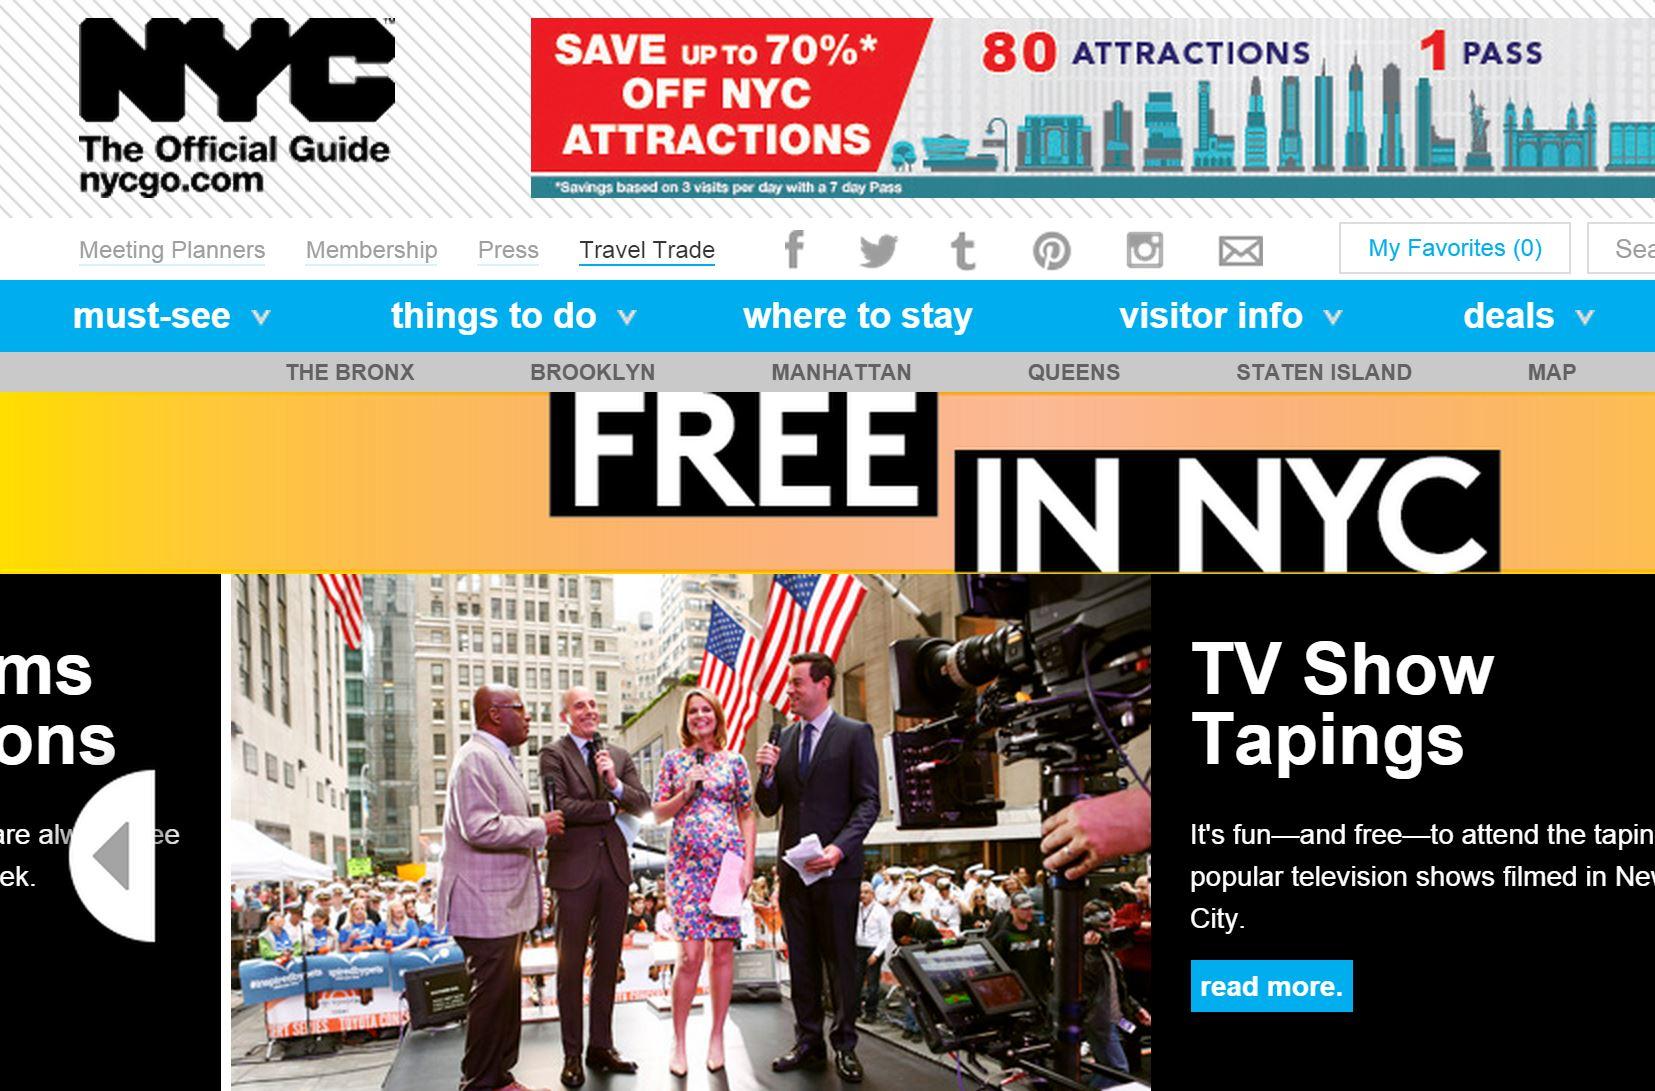 米ニューヨーク市、夏の旅行で無料・お得な観光情報でまとめサイトを開設